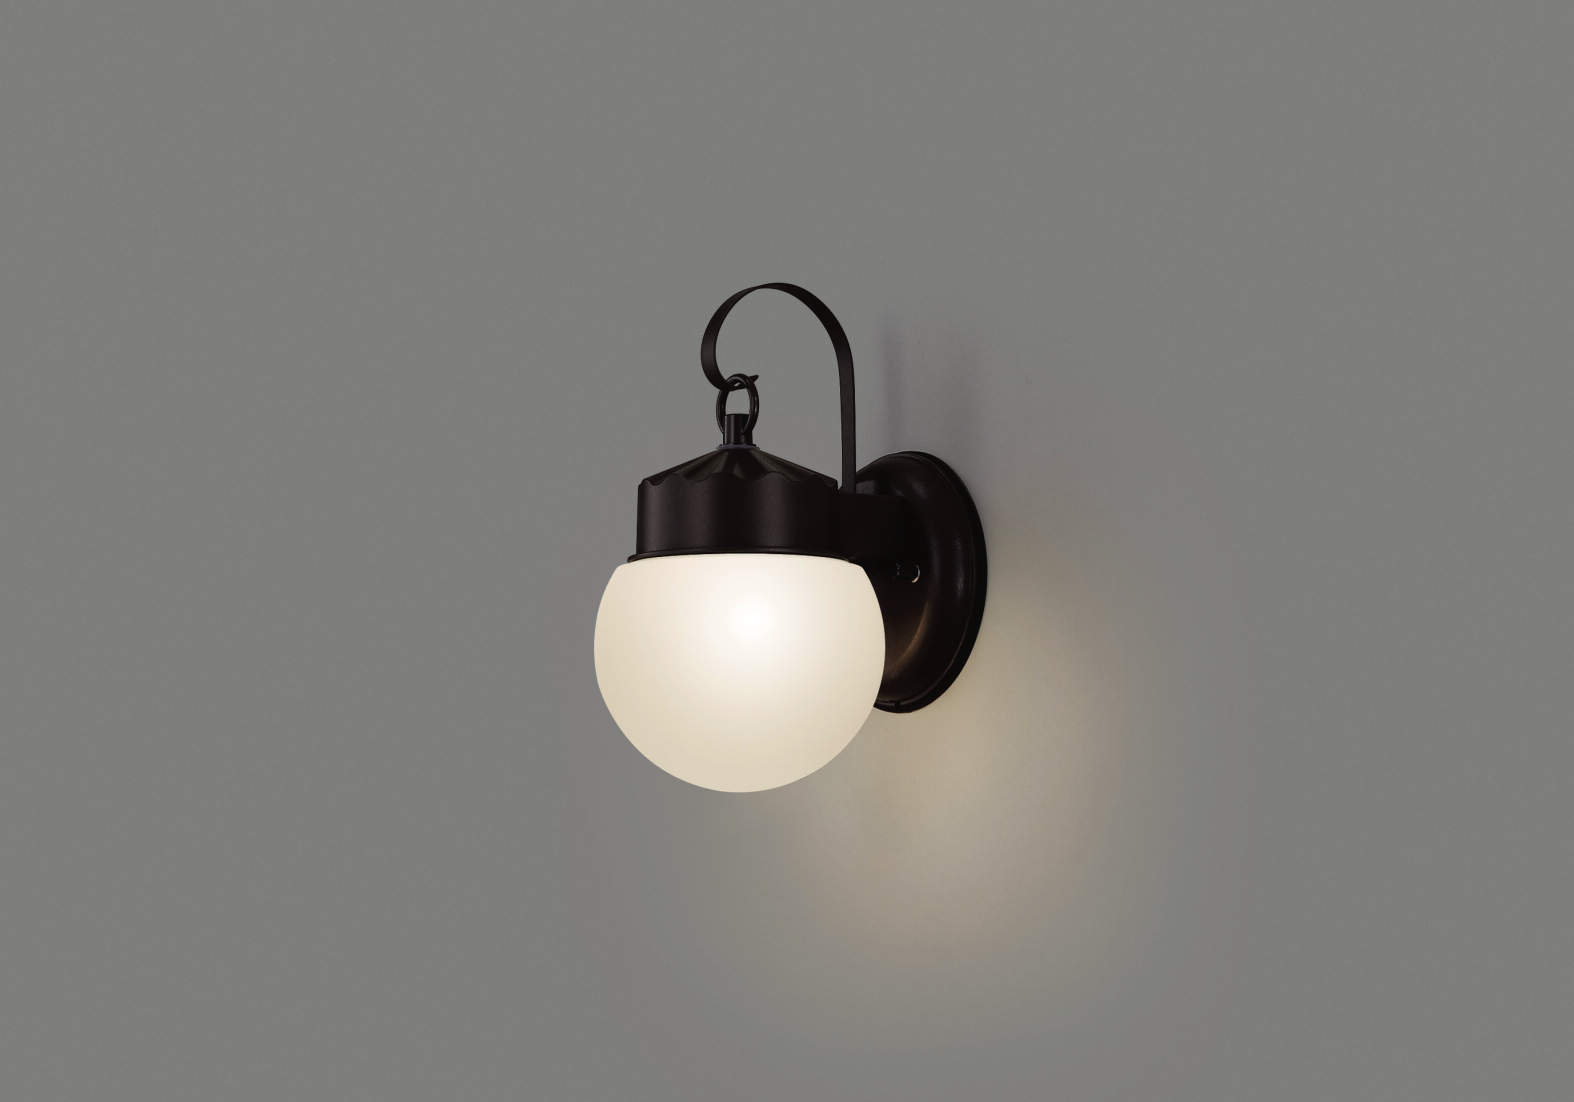 エクステリア 屋外 照明 ライト【三協アルミ】 照明器具 ポーチライト【 PD42型 ブラウン 上面遮光】